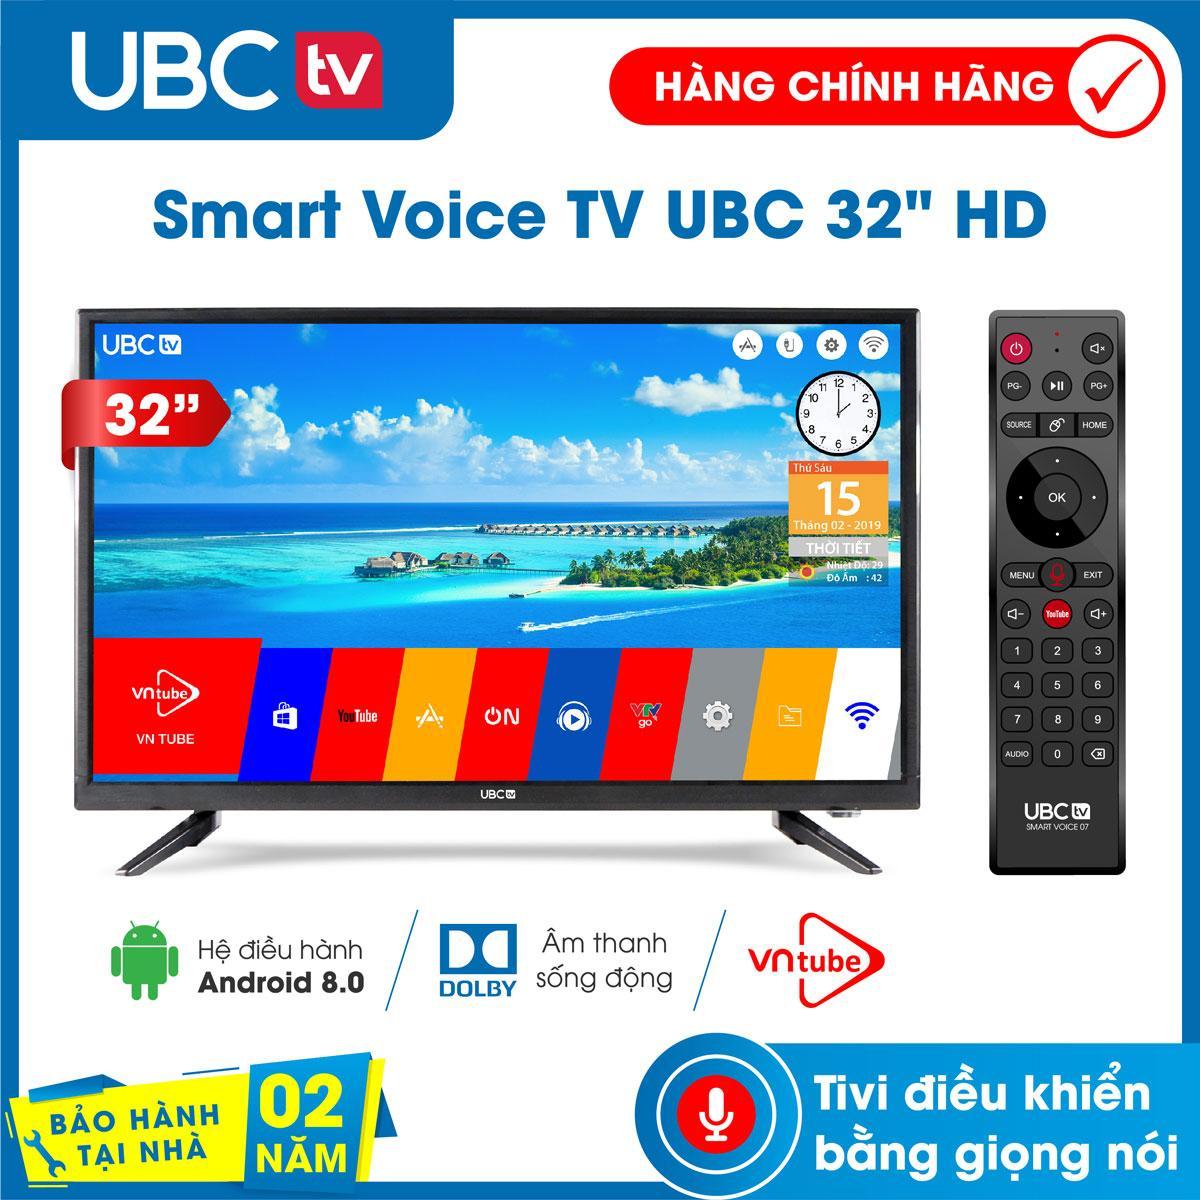 Smart tivi UBC HD Wifi 32 inch Android 8.0, tìm kiếm giọng nói (voice search), tính năng bảo vệ trẻ em (mới), remote 2 in 1, Model 32P300S - Bảo Hành 2 năm tận nhà, công nghệ dò kênh tự động Free-to-Air, âm thanh Dolb